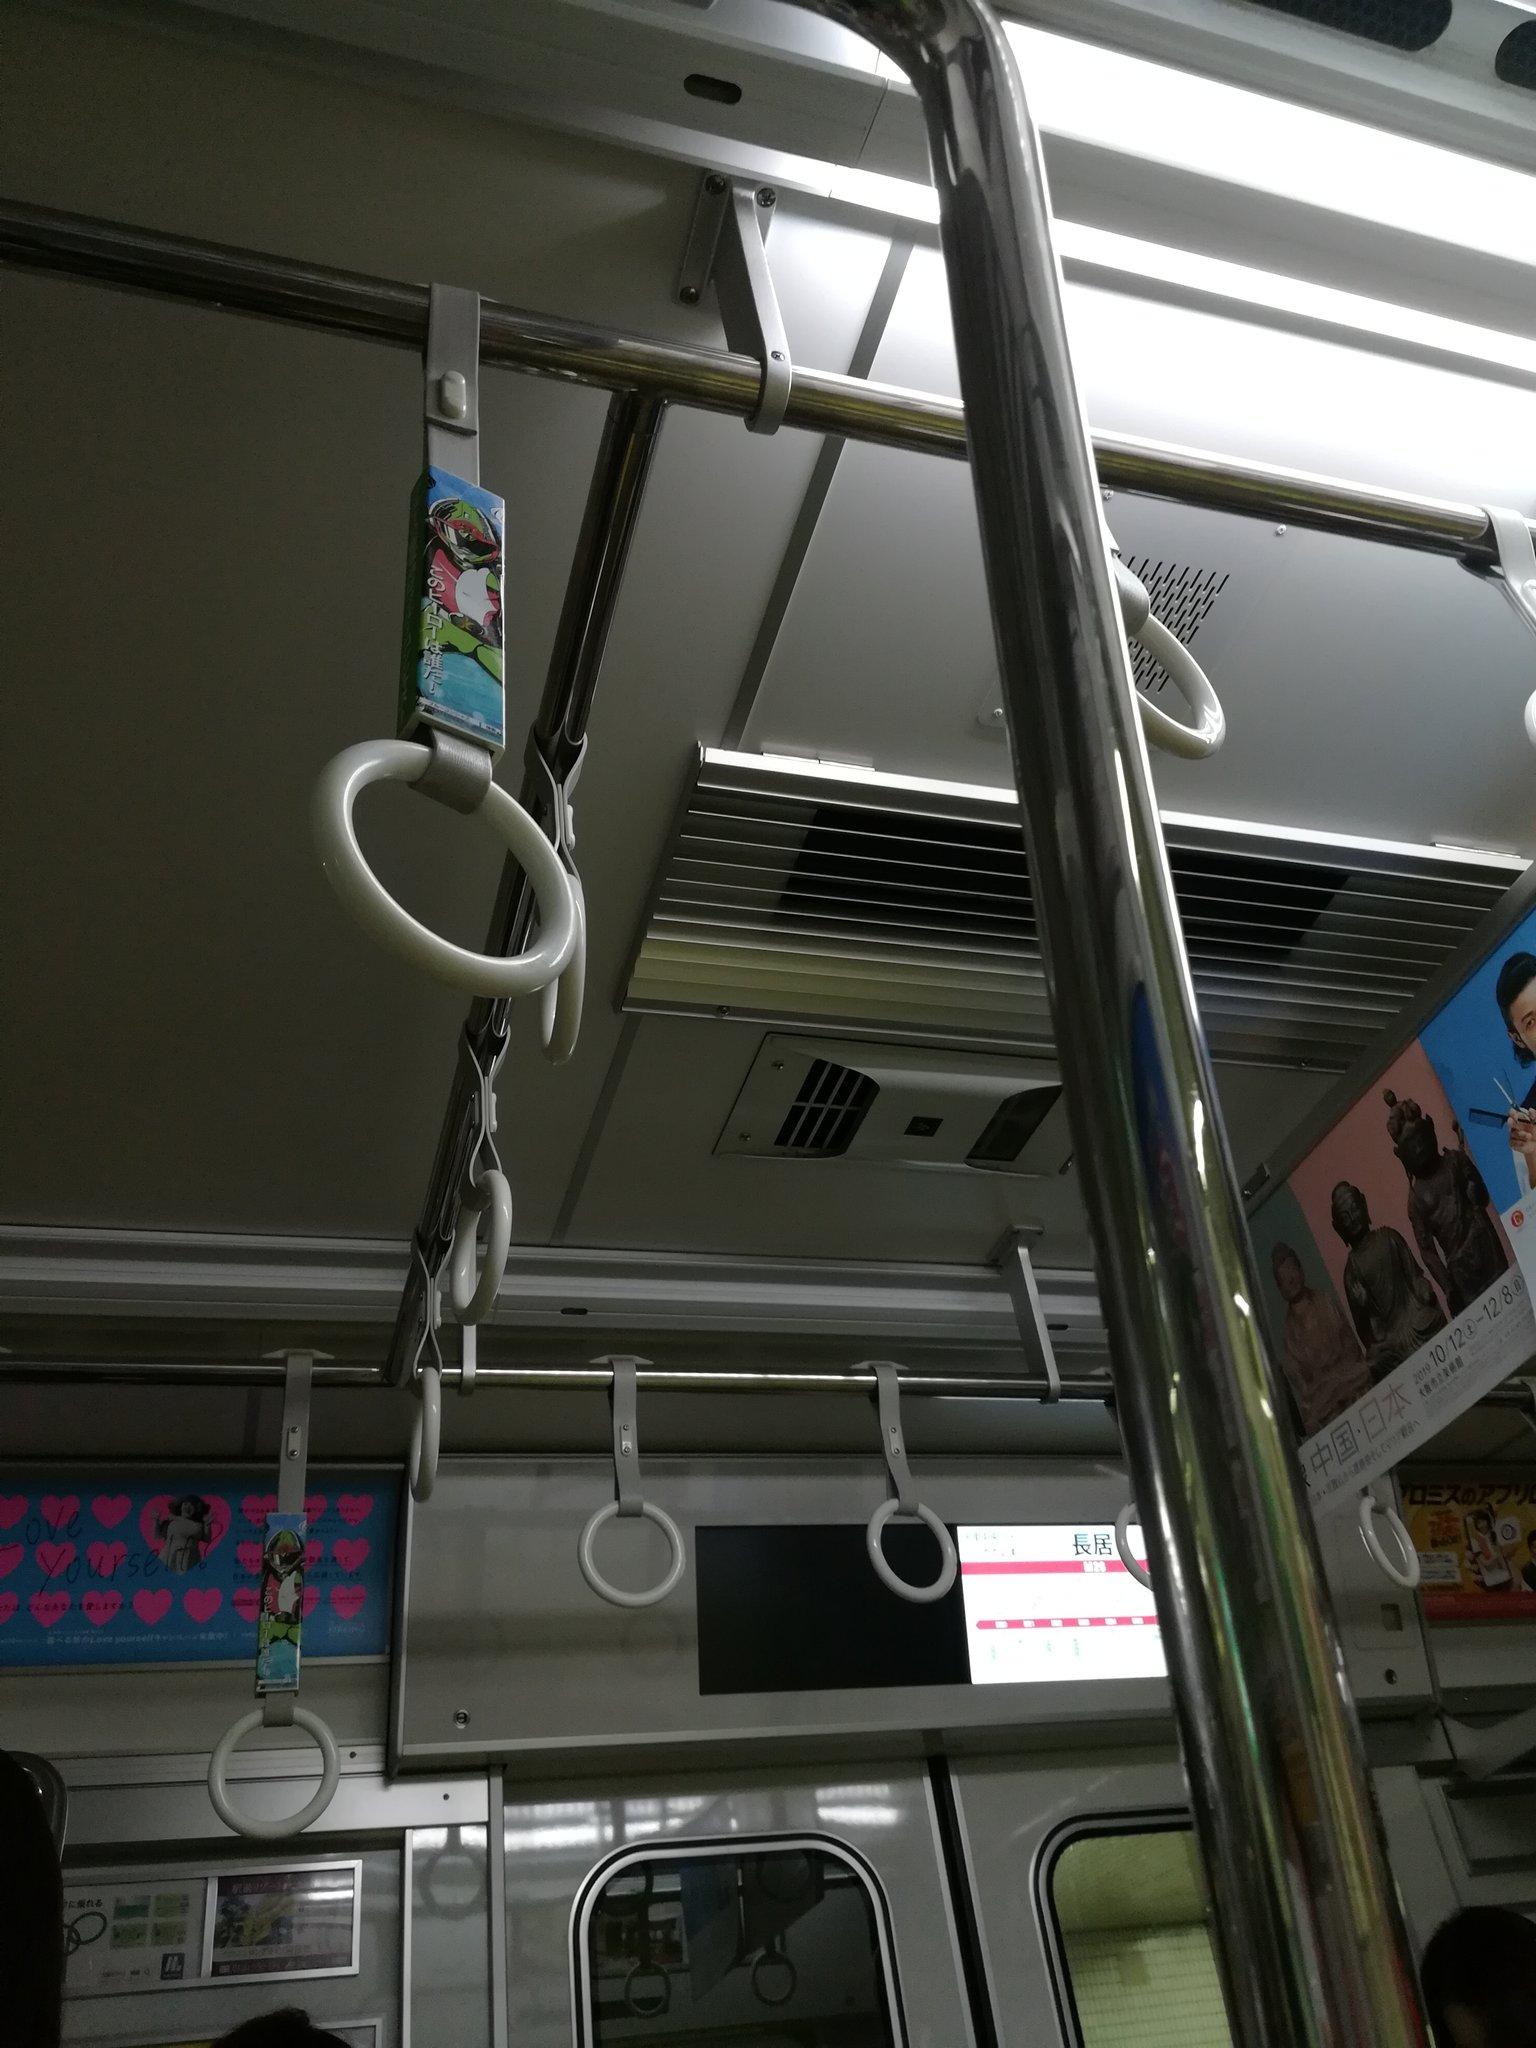 画像,#御堂筋線 昭和町駅で、人身事故発生で運転見合せ。救出作業で停電させるんですね。そらそうか。照明(非常照明が点いてる)もエアコンも止まってます。まあまあ、暑くな…